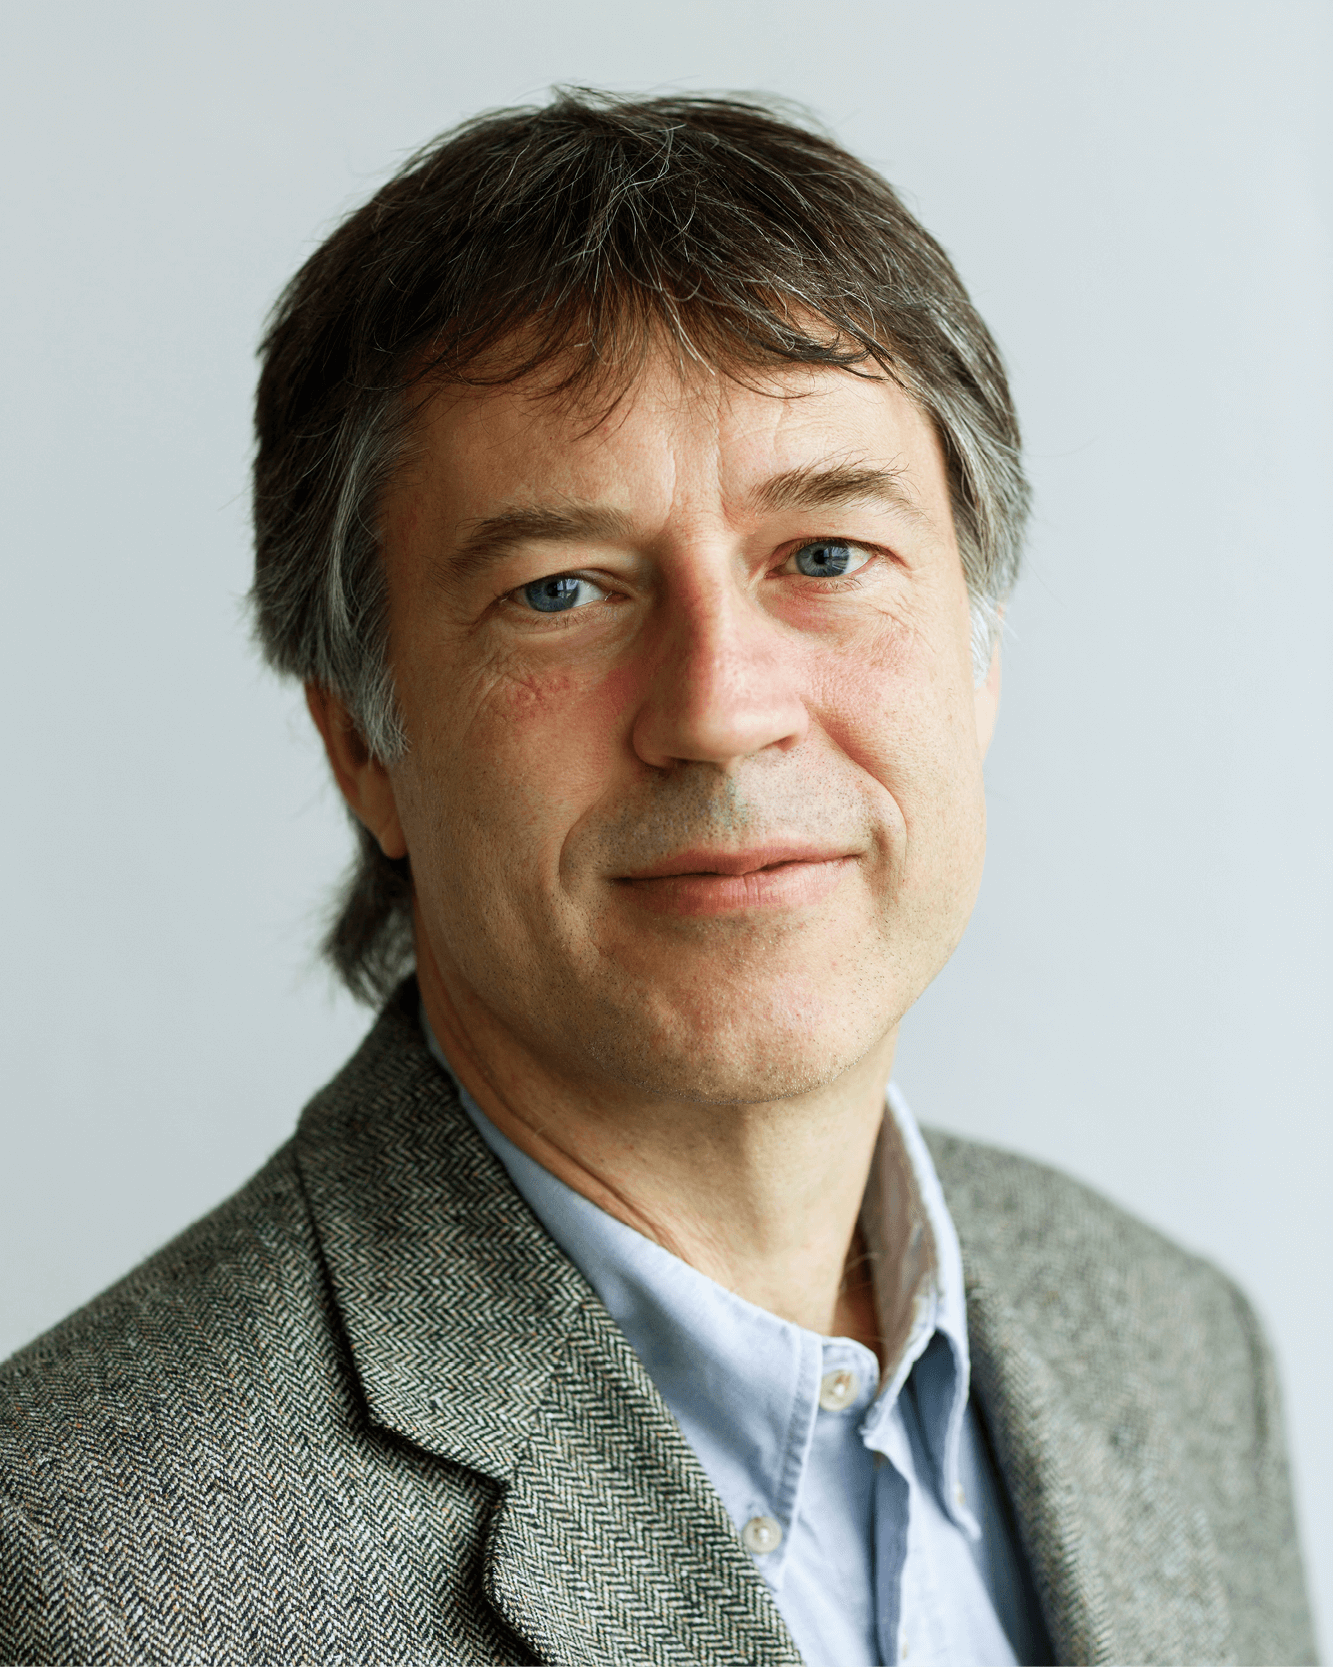 Prof. Dr. phil. habil. Karsten Weber